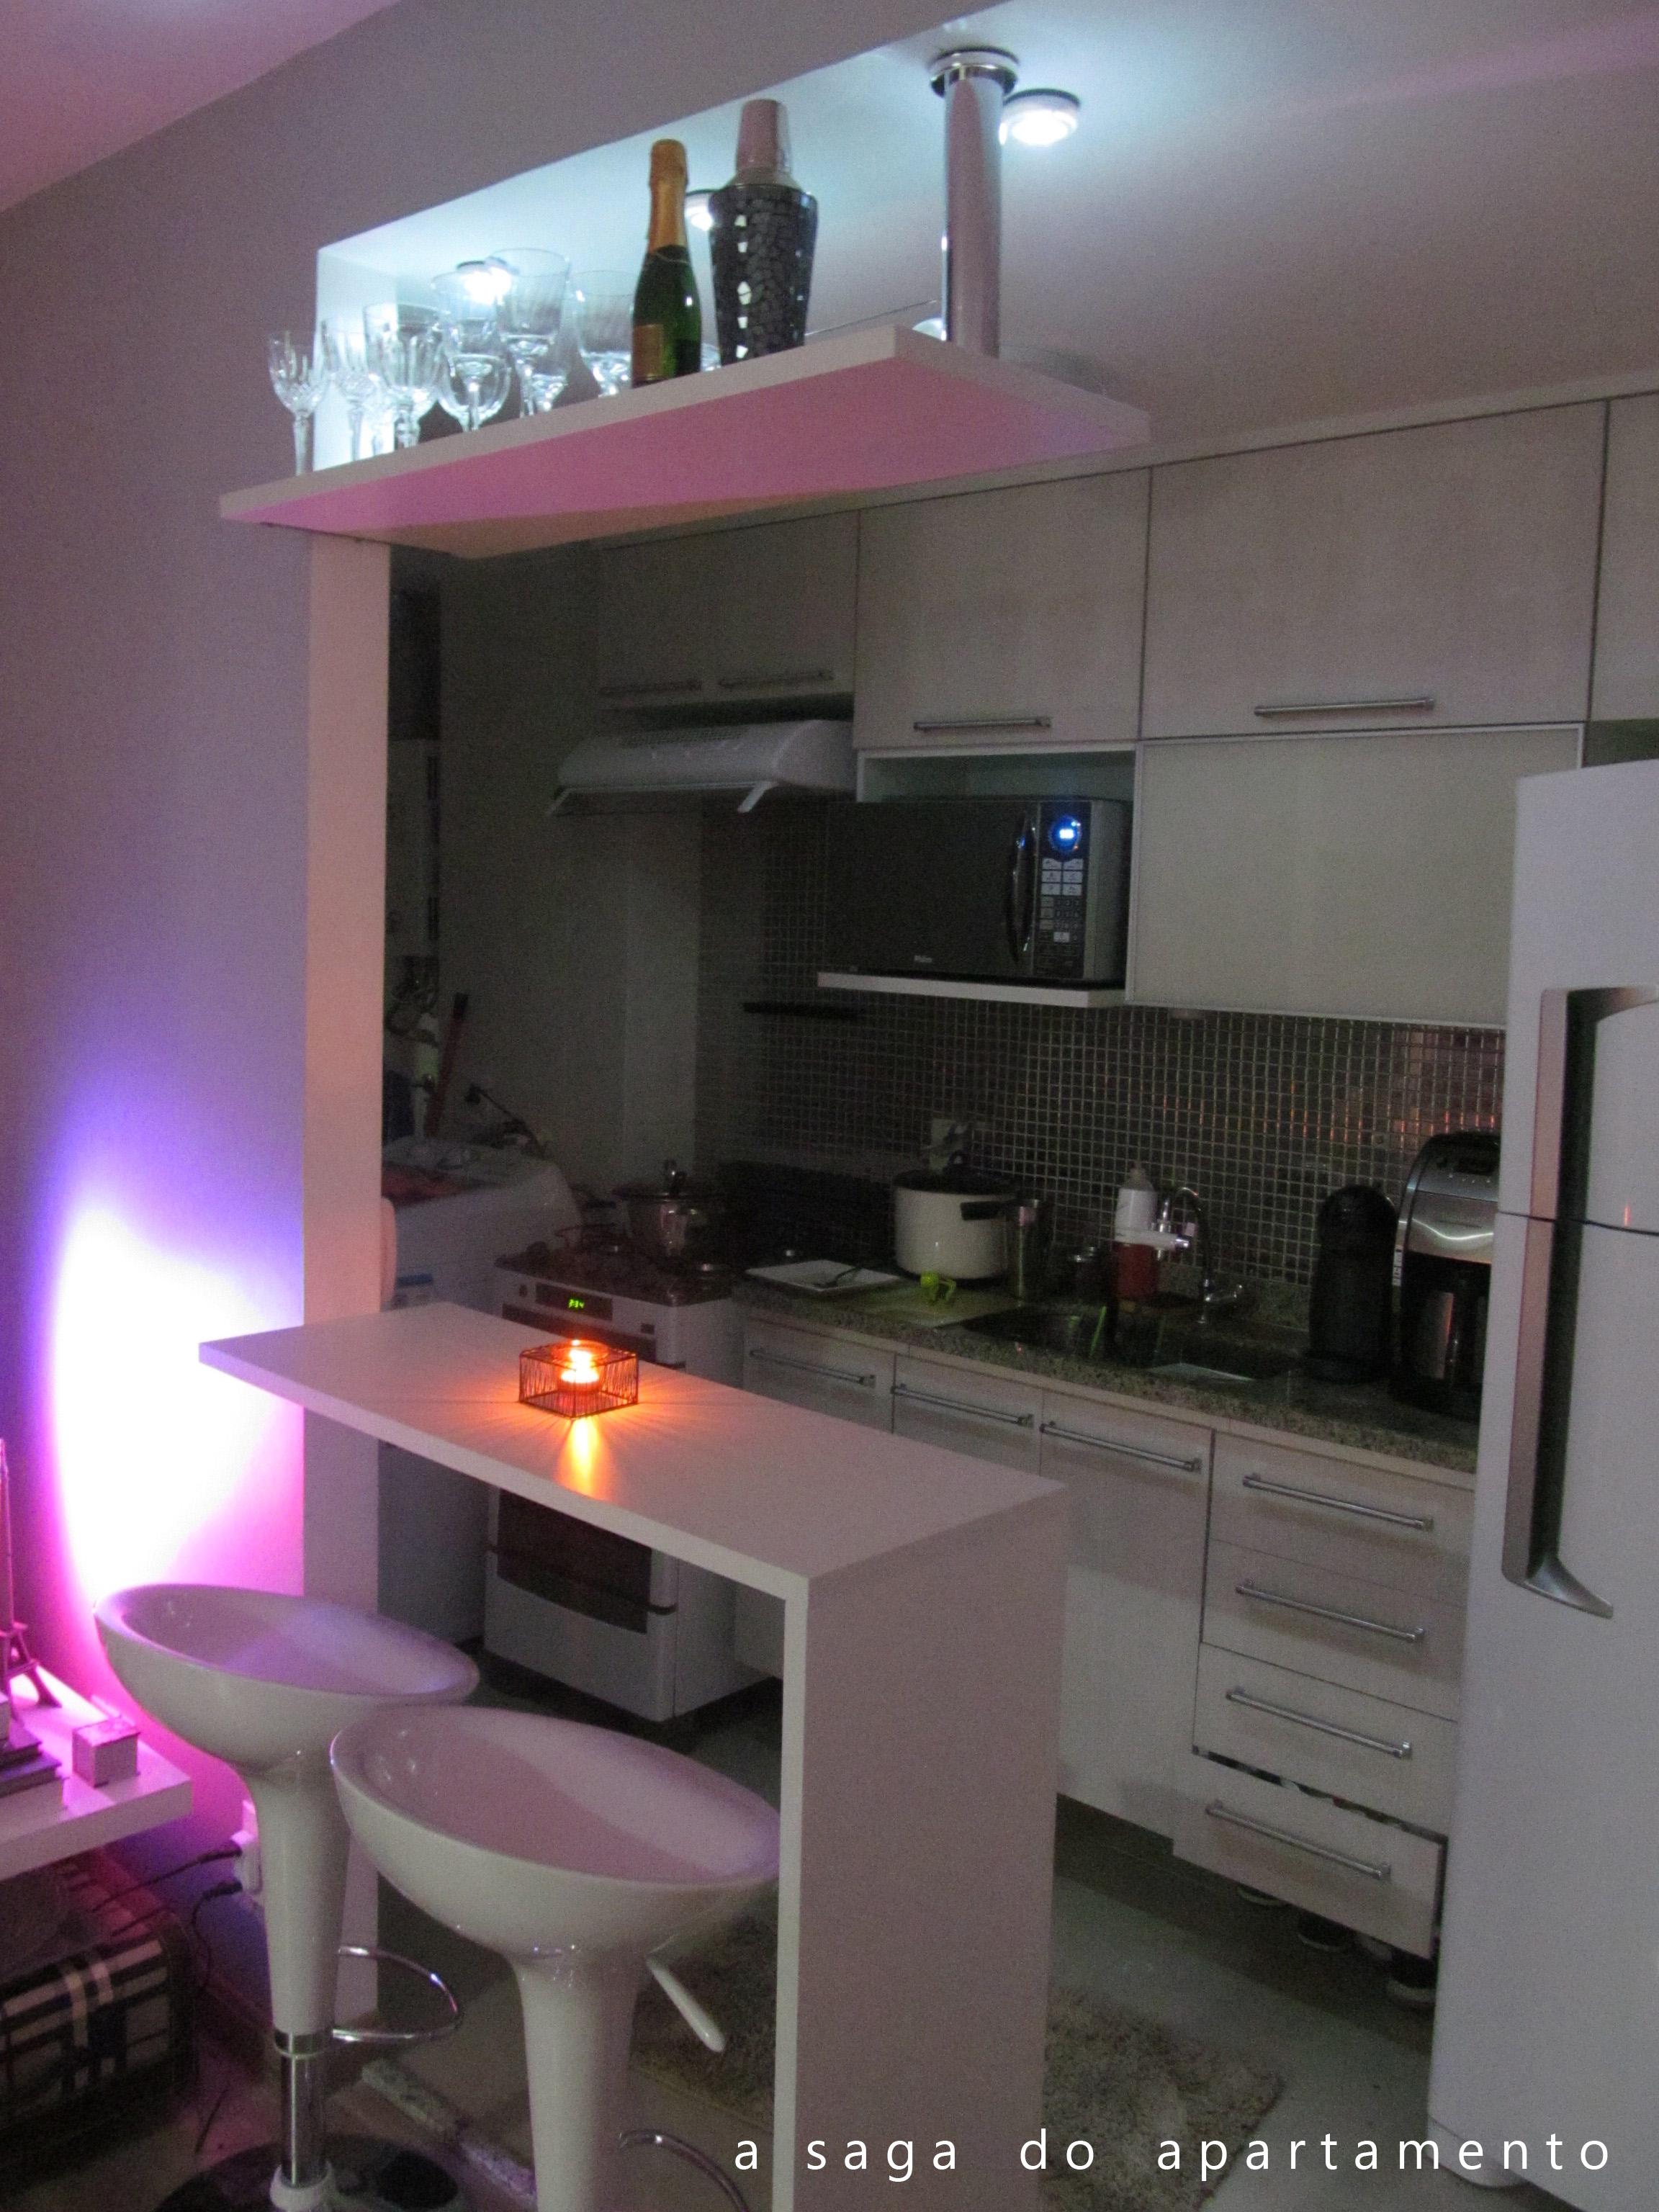 #921AB1 Com uma iluminaçãozinha tudo fica mais bonito não é?! ? 2304x3072 px Fotos De Balcão De Granito Para Cozinha Americana_3445 Imagens